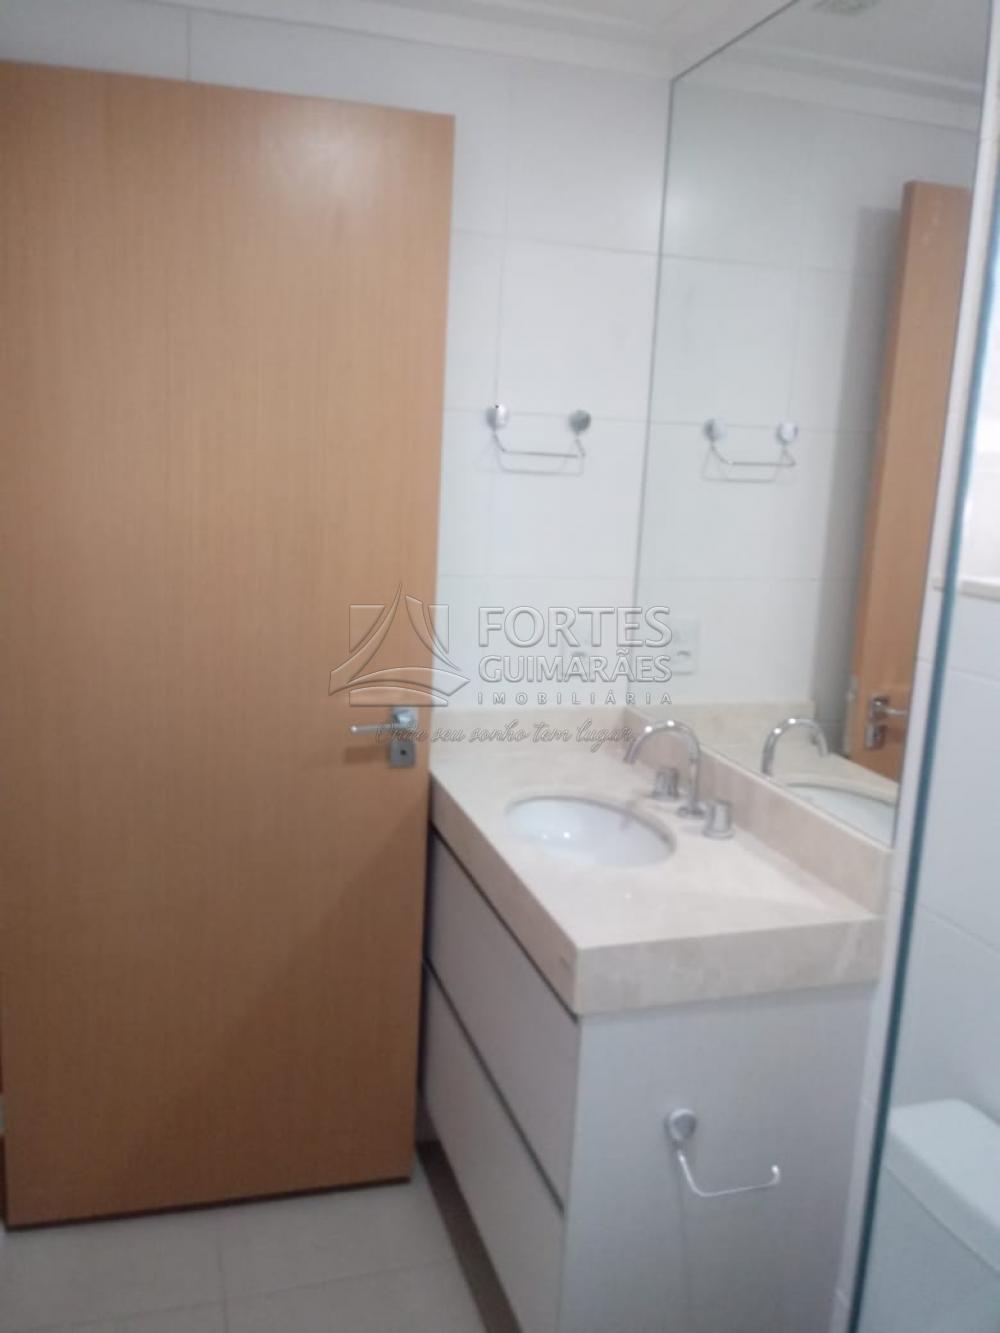 Alugar Apartamentos / Padrão em Ribeirão Preto apenas R$ 3.200,00 - Foto 31